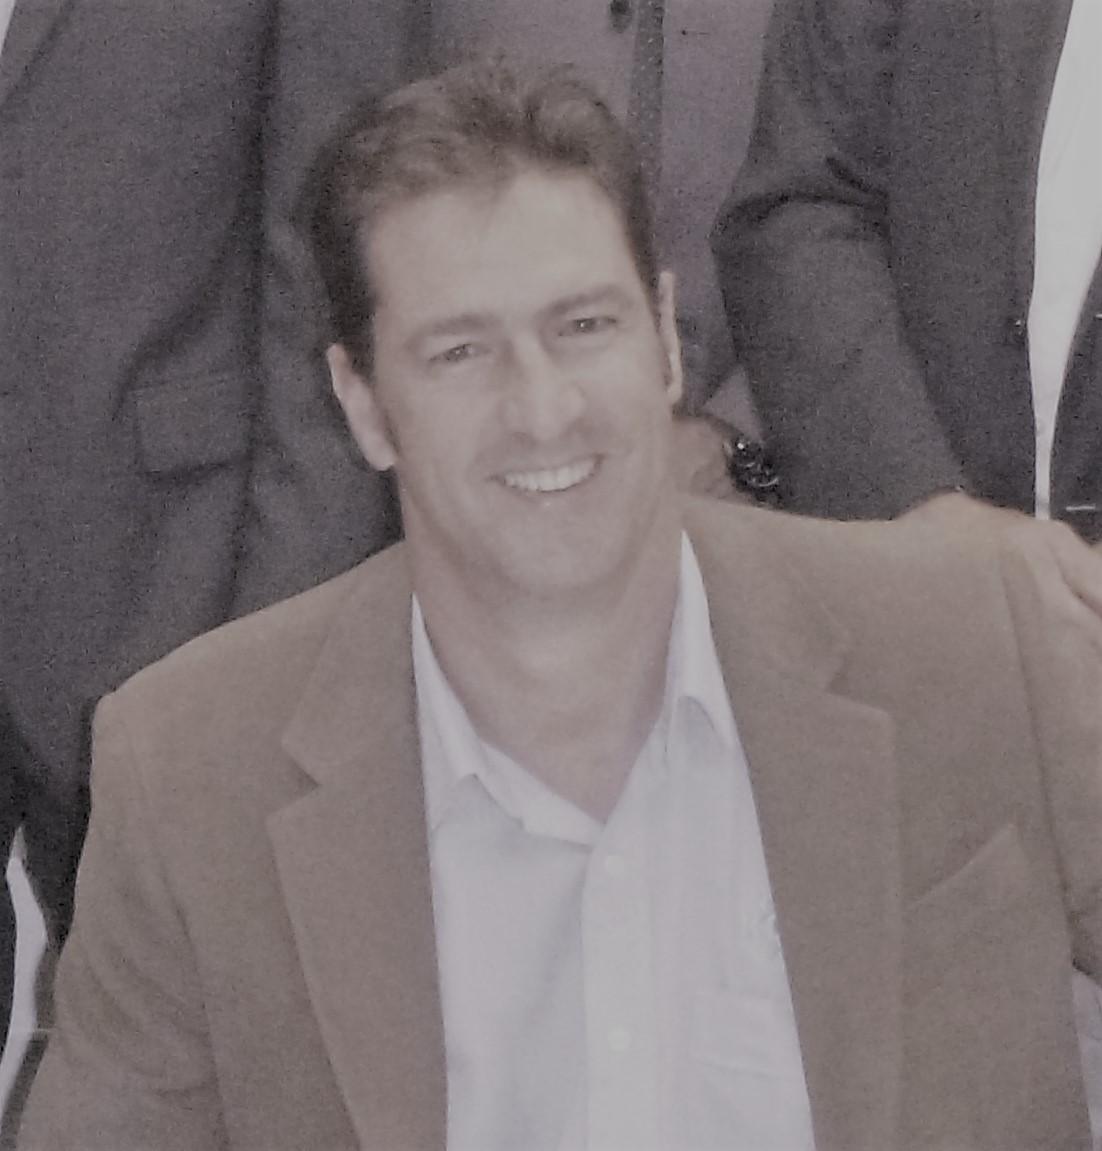 Marcel Hofmann